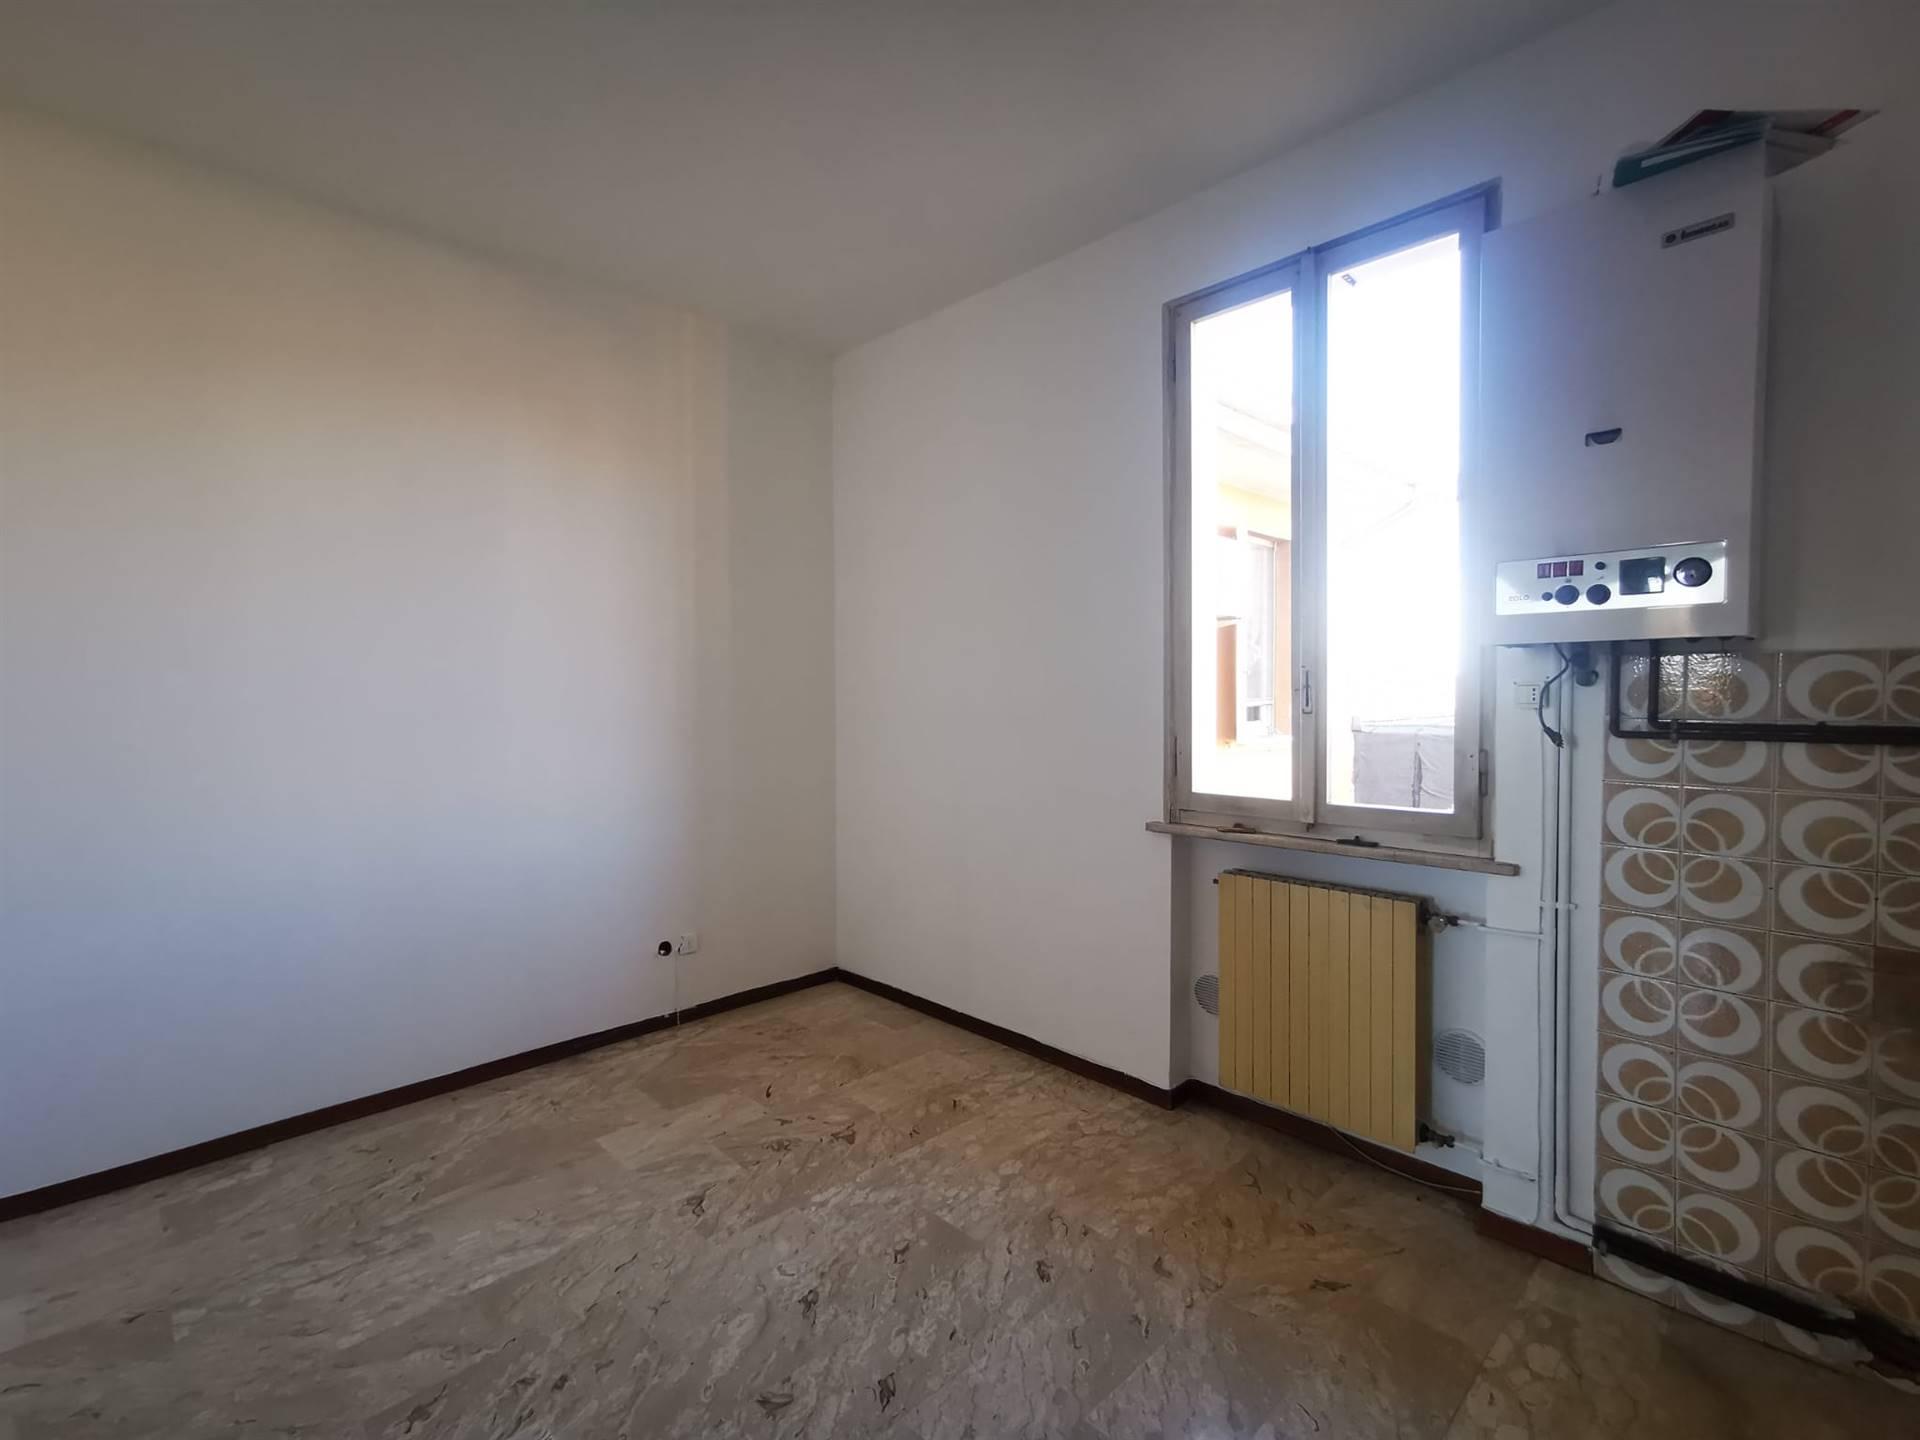 Appartamento in vendita a Pomponesco, 3 locali, prezzo € 44.000 | CambioCasa.it